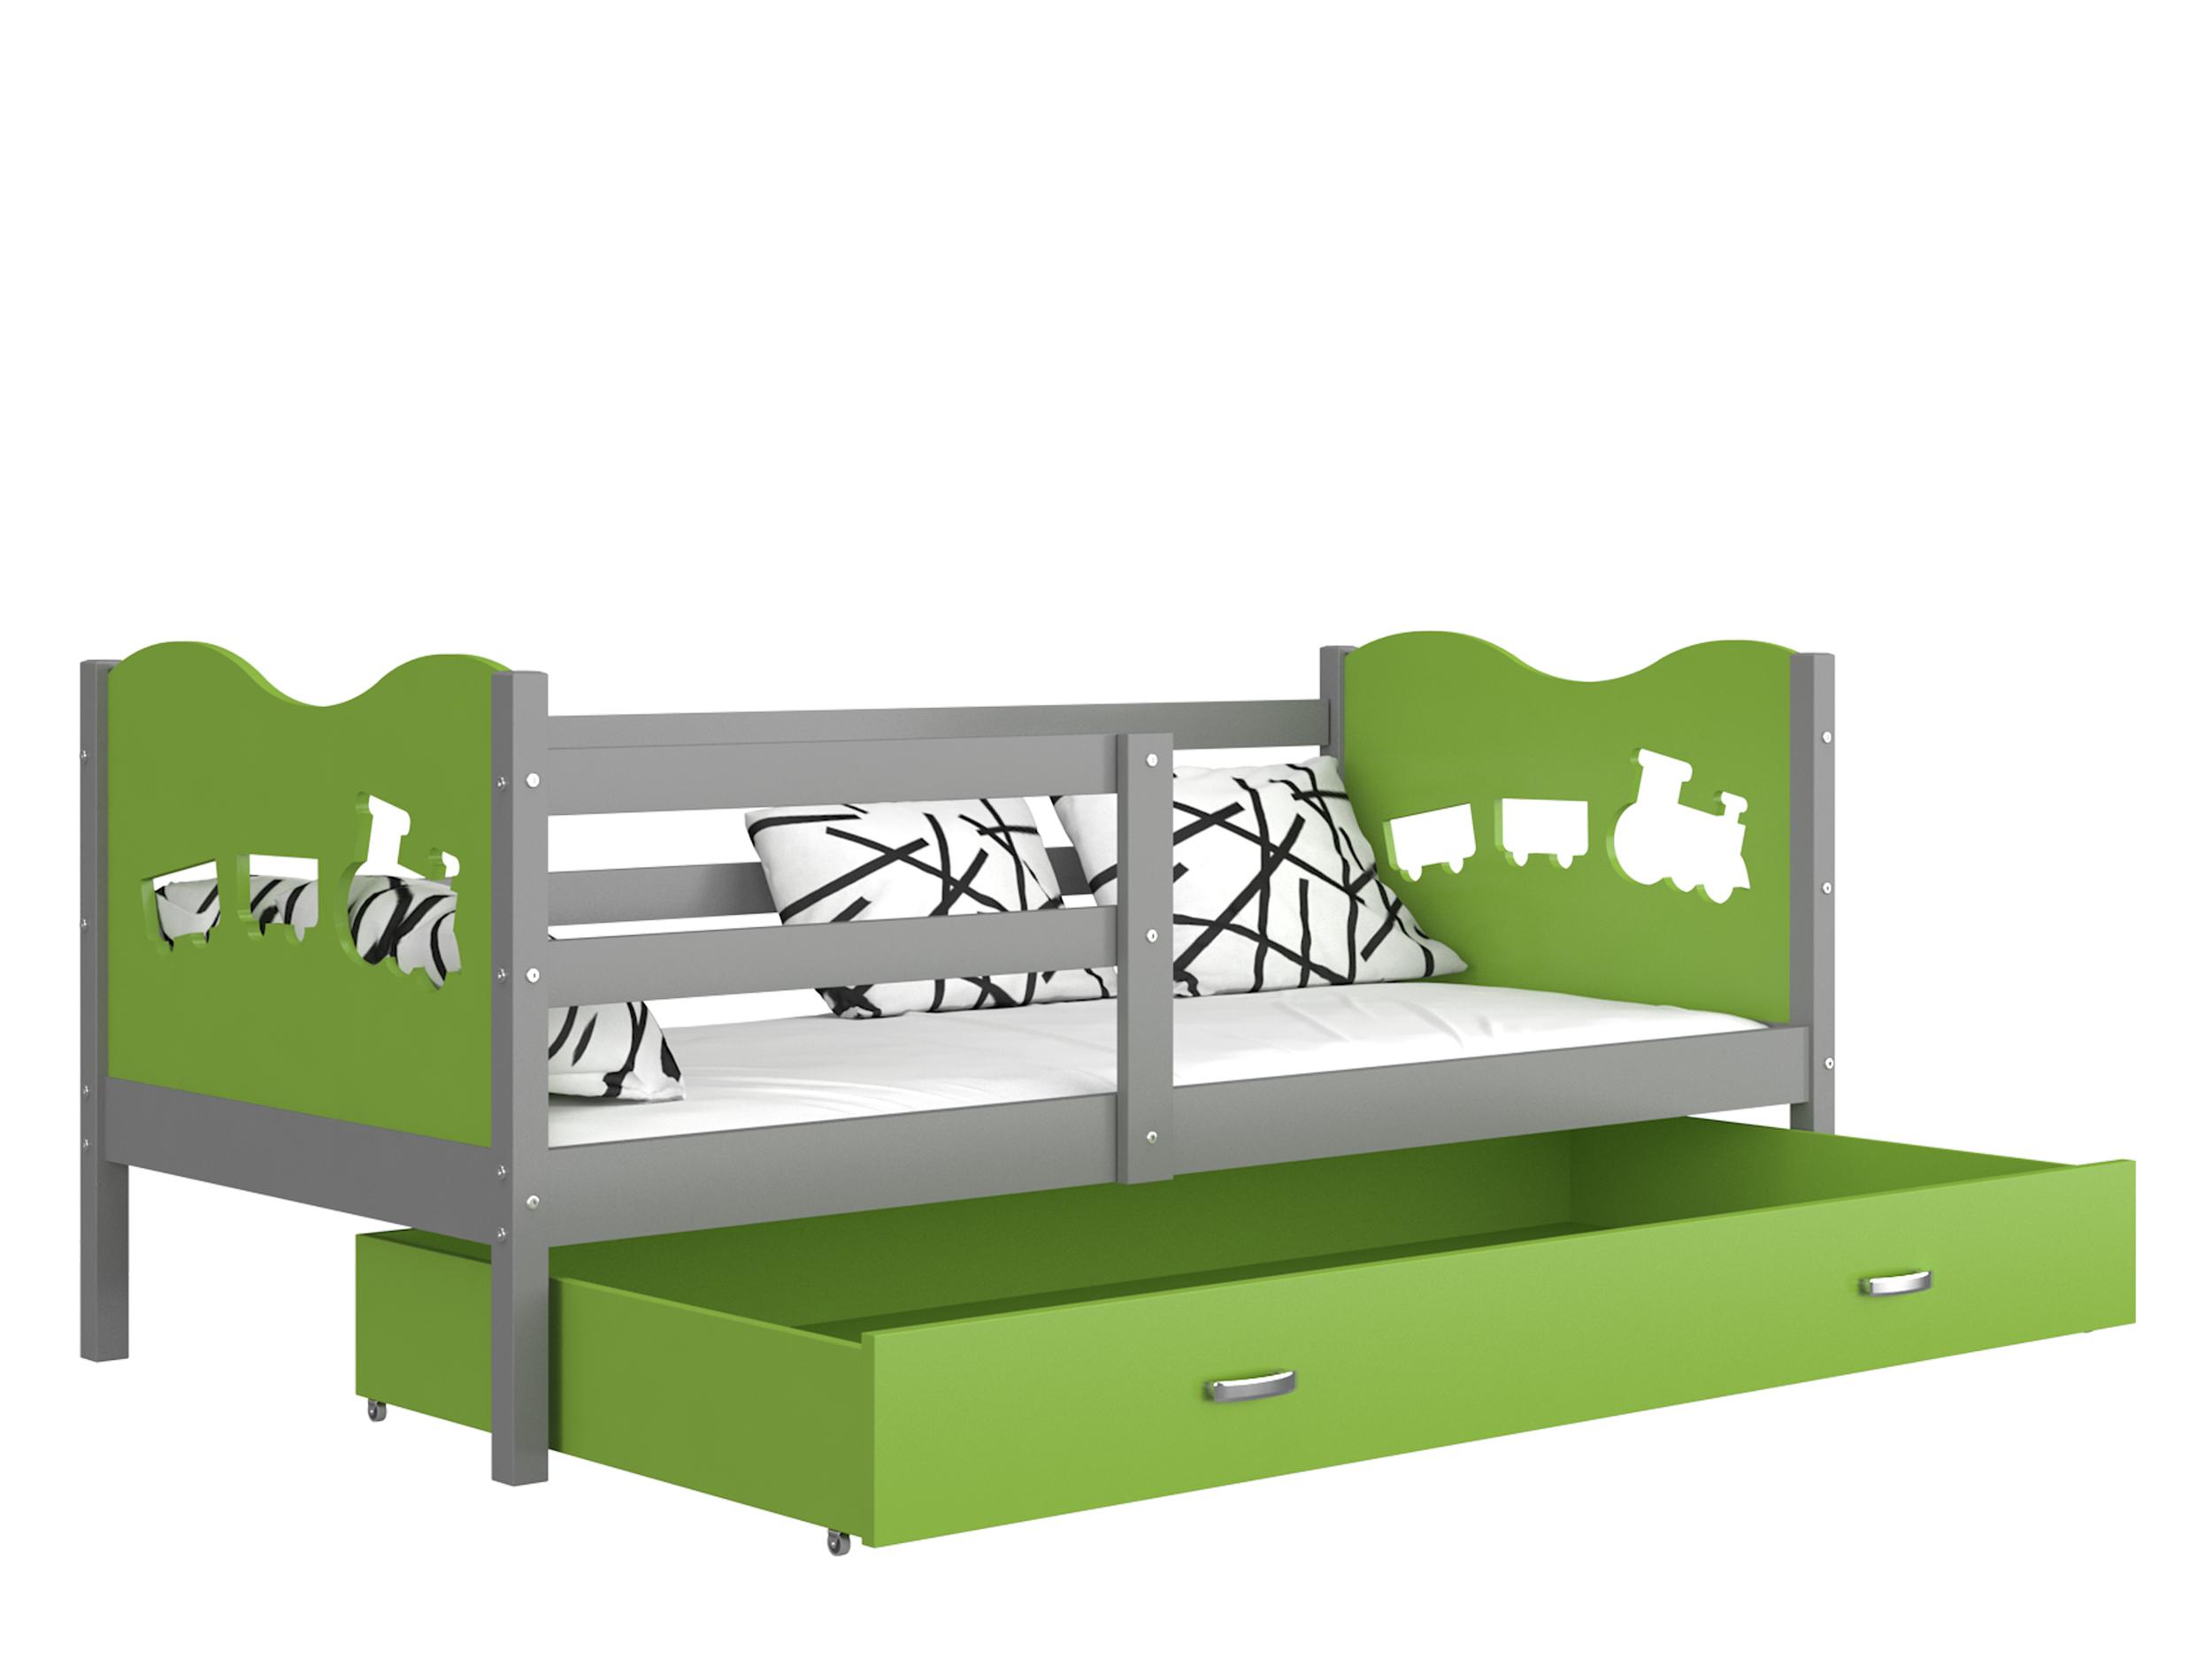 ArtAJ Detská posteľ MAX P / MDF 200 x 90 cm Farba: sivá / zelená 200 x 90 cm, s matracom